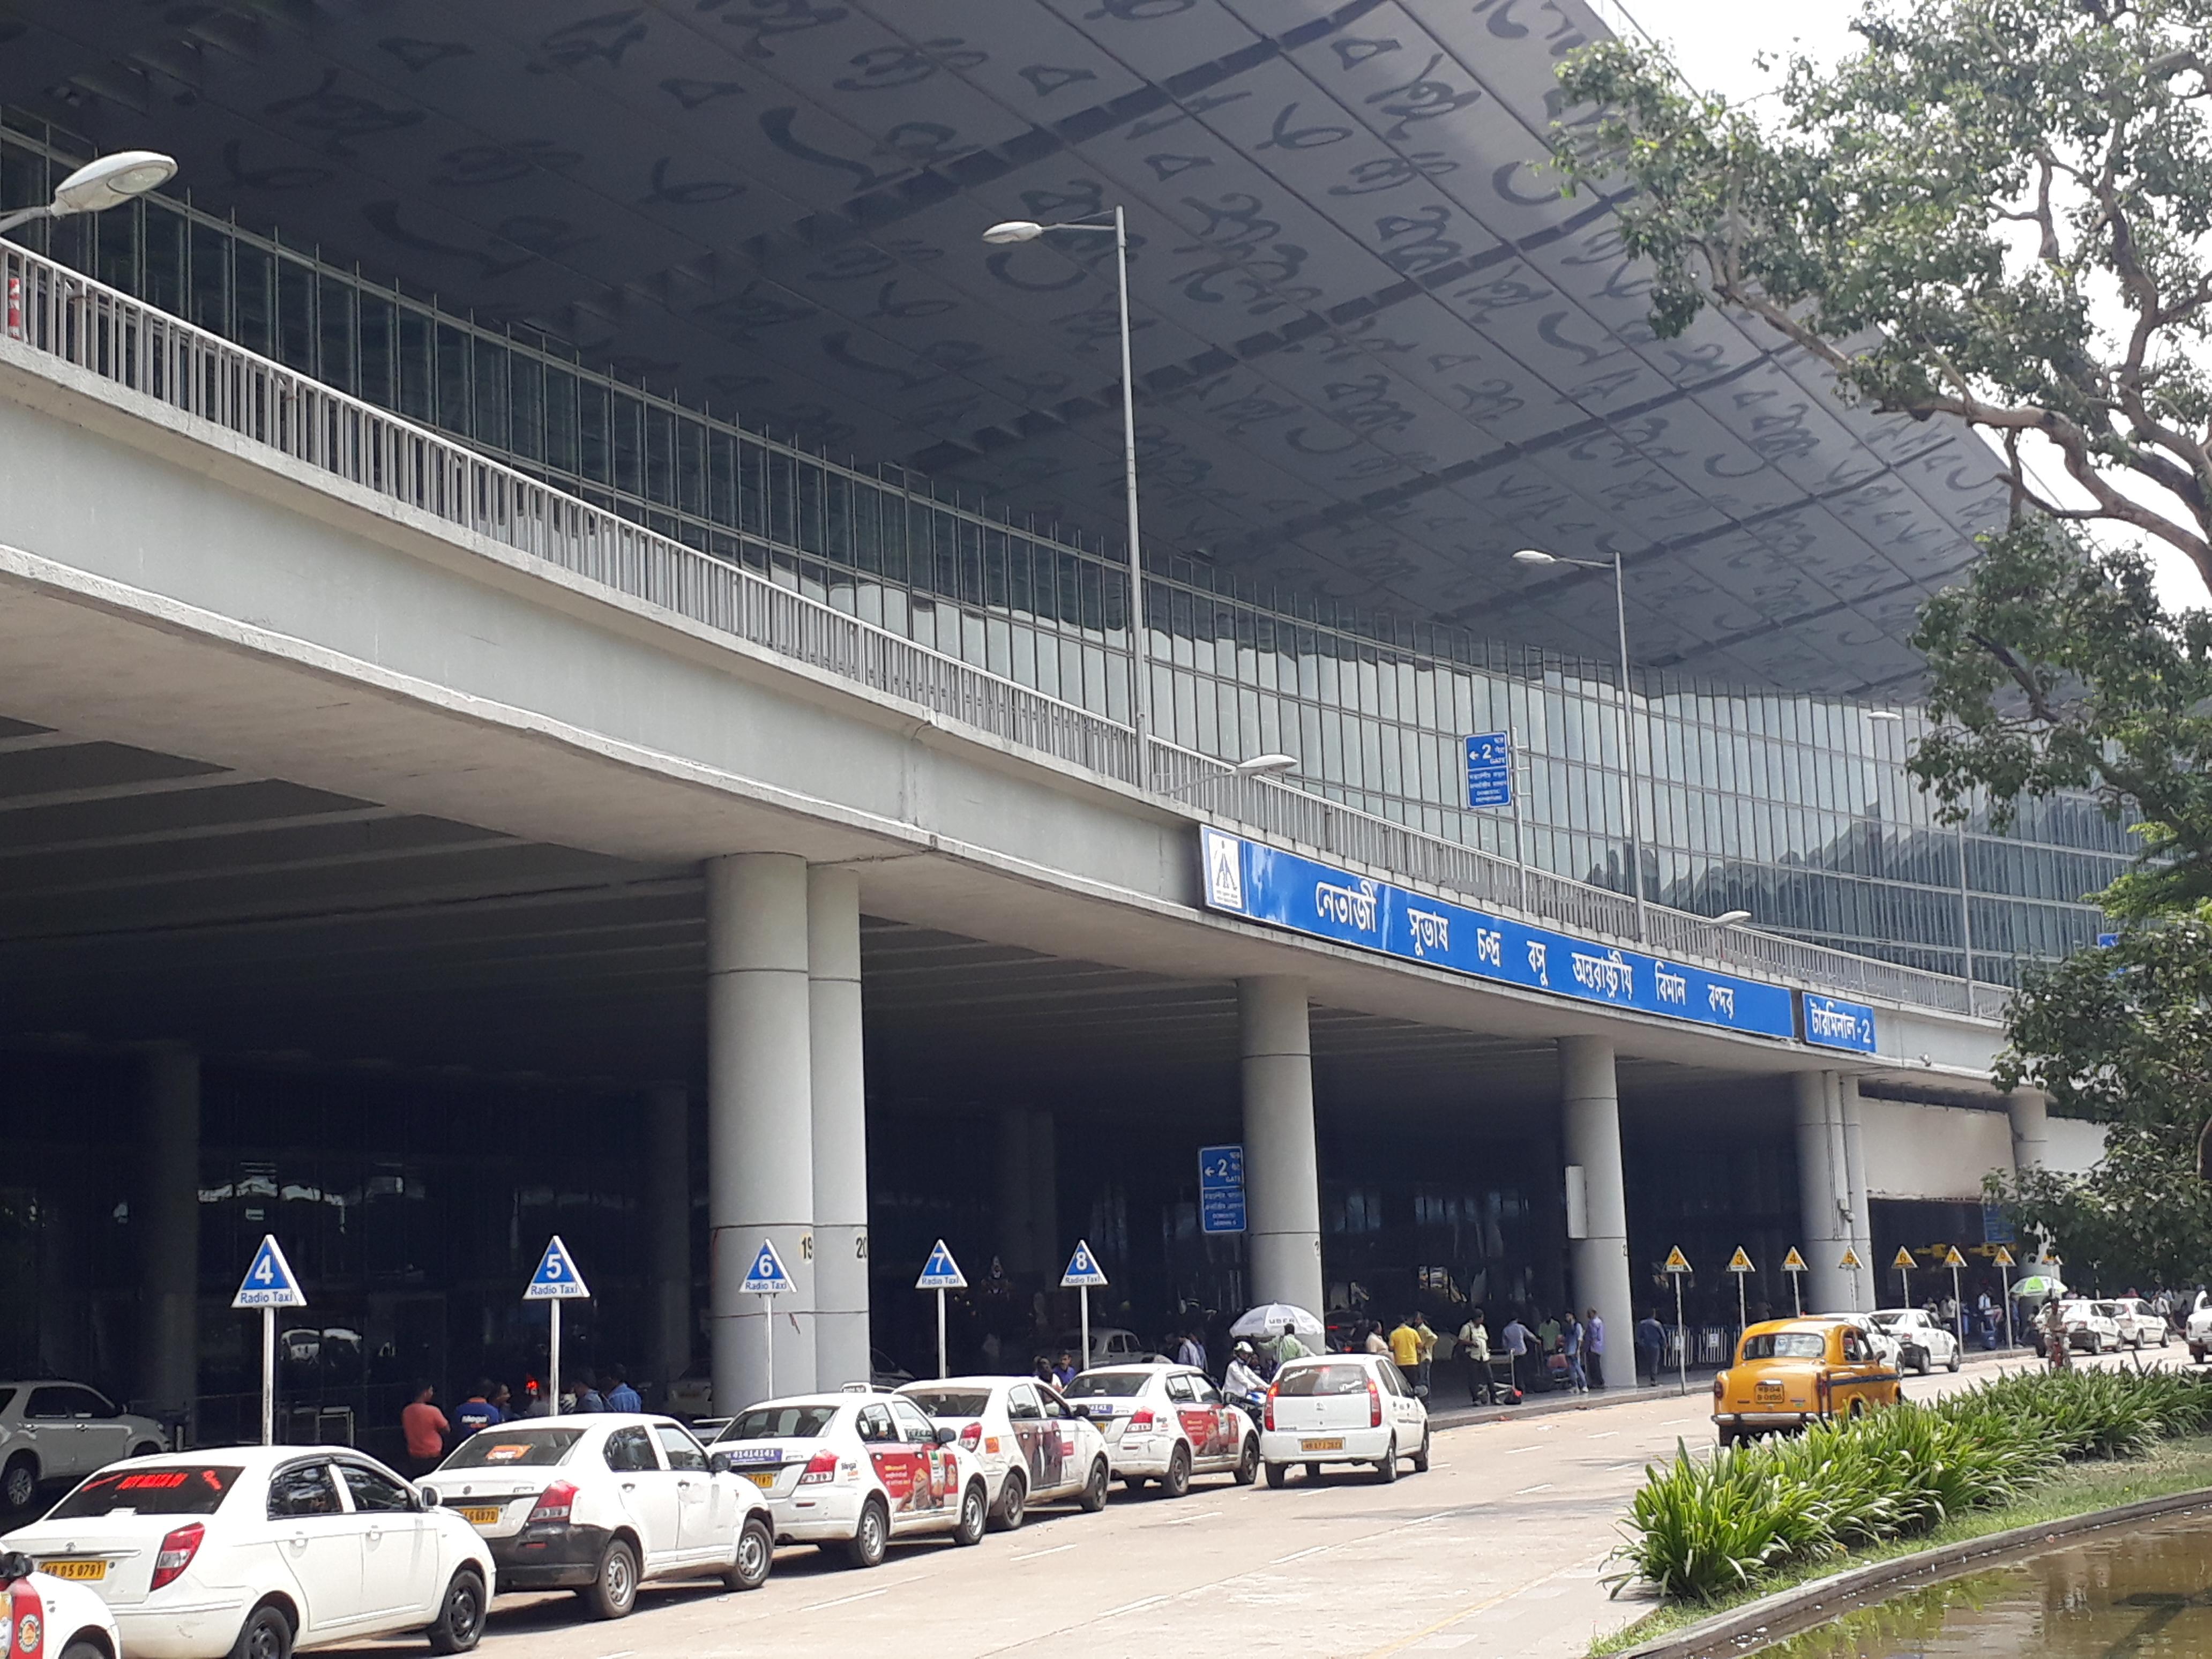 FileDum Dum Airport Domestic Terminaljpg Wikimedia